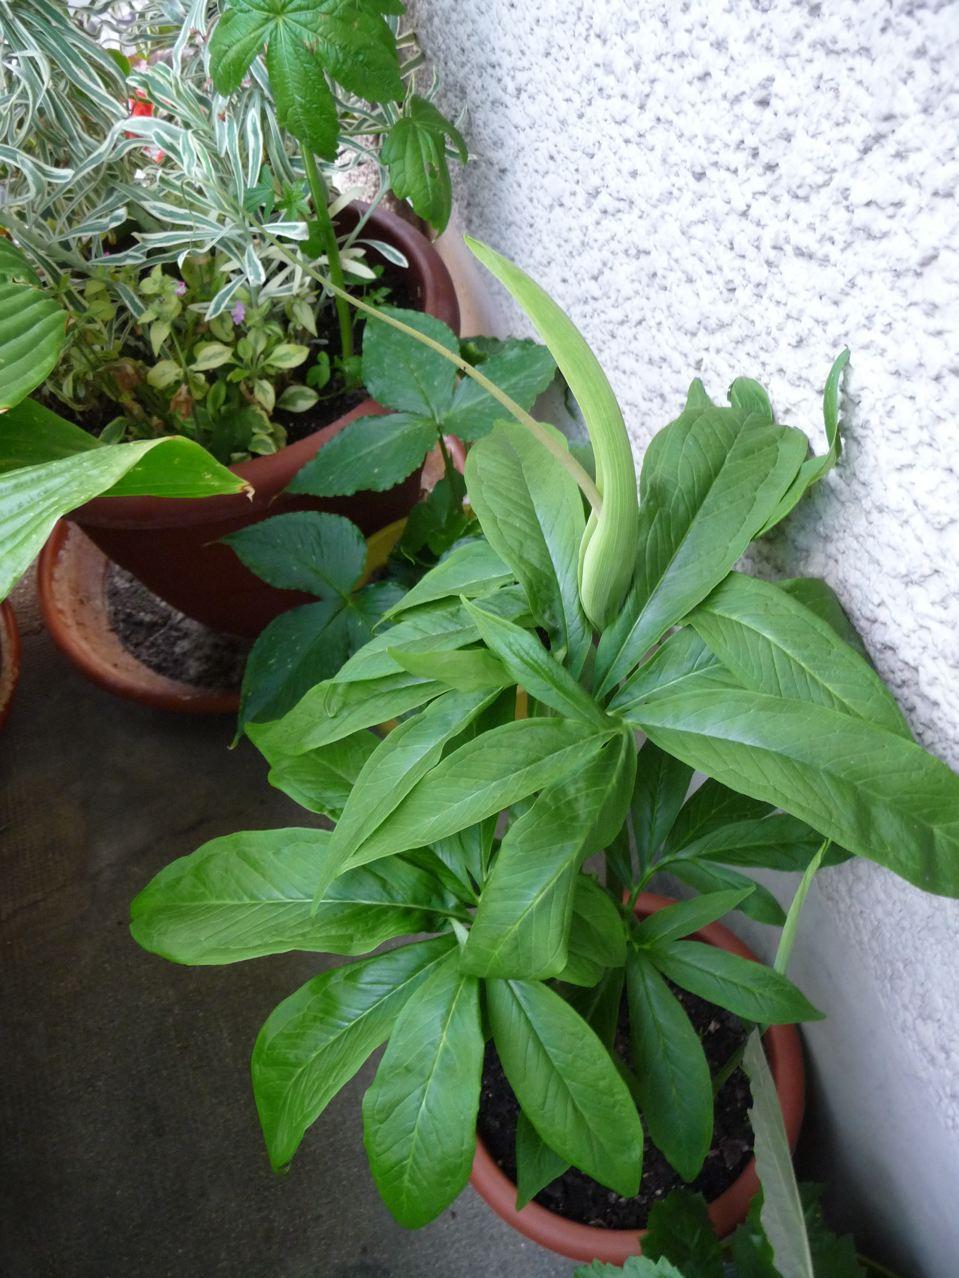 Plante bulbeuse curieuse de la famille des Aracées